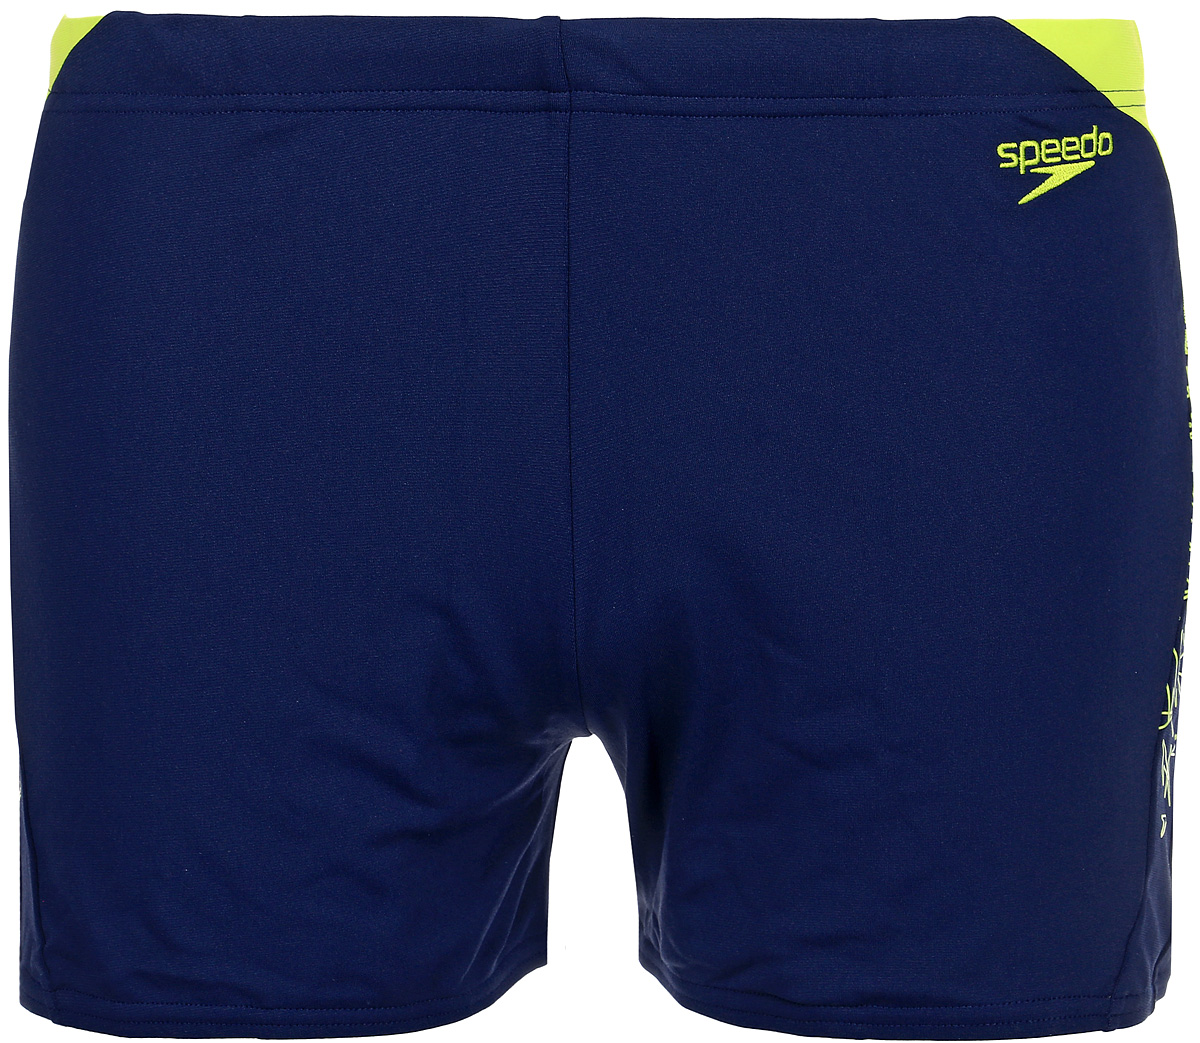 Плавки-шорты мужские Speedo Boom Splice Aquashort, цвет: темно-синий, желтый. 8-10855B749-B749. Размер 34 (44/46)8-10855B749-B749Мужские спортивные плавки-шорты Boom Splice Aquashort от Speedo – модель, идеально сочетающая в себе высокое качество, удобство и стиль. Благодаря сверхпрочному материалу Endurance+ плавки обладают 100% защитой от воздействия хлора и яркого света. Не потеряют своей яркости и эластичности даже при интенсивных регулярных тренировках. Прекрасно тянутся в 4 направлениях, что позволяет добиться идеальной посадки и полной свободы движений во время плавания. Регулируются по поясу с помощью внутреннего шнурка. Яркий контрастный принт сбоку придает модели свежий, современный вид. Мужские плавки-шорты от Speedo для тренировок в бассейне.